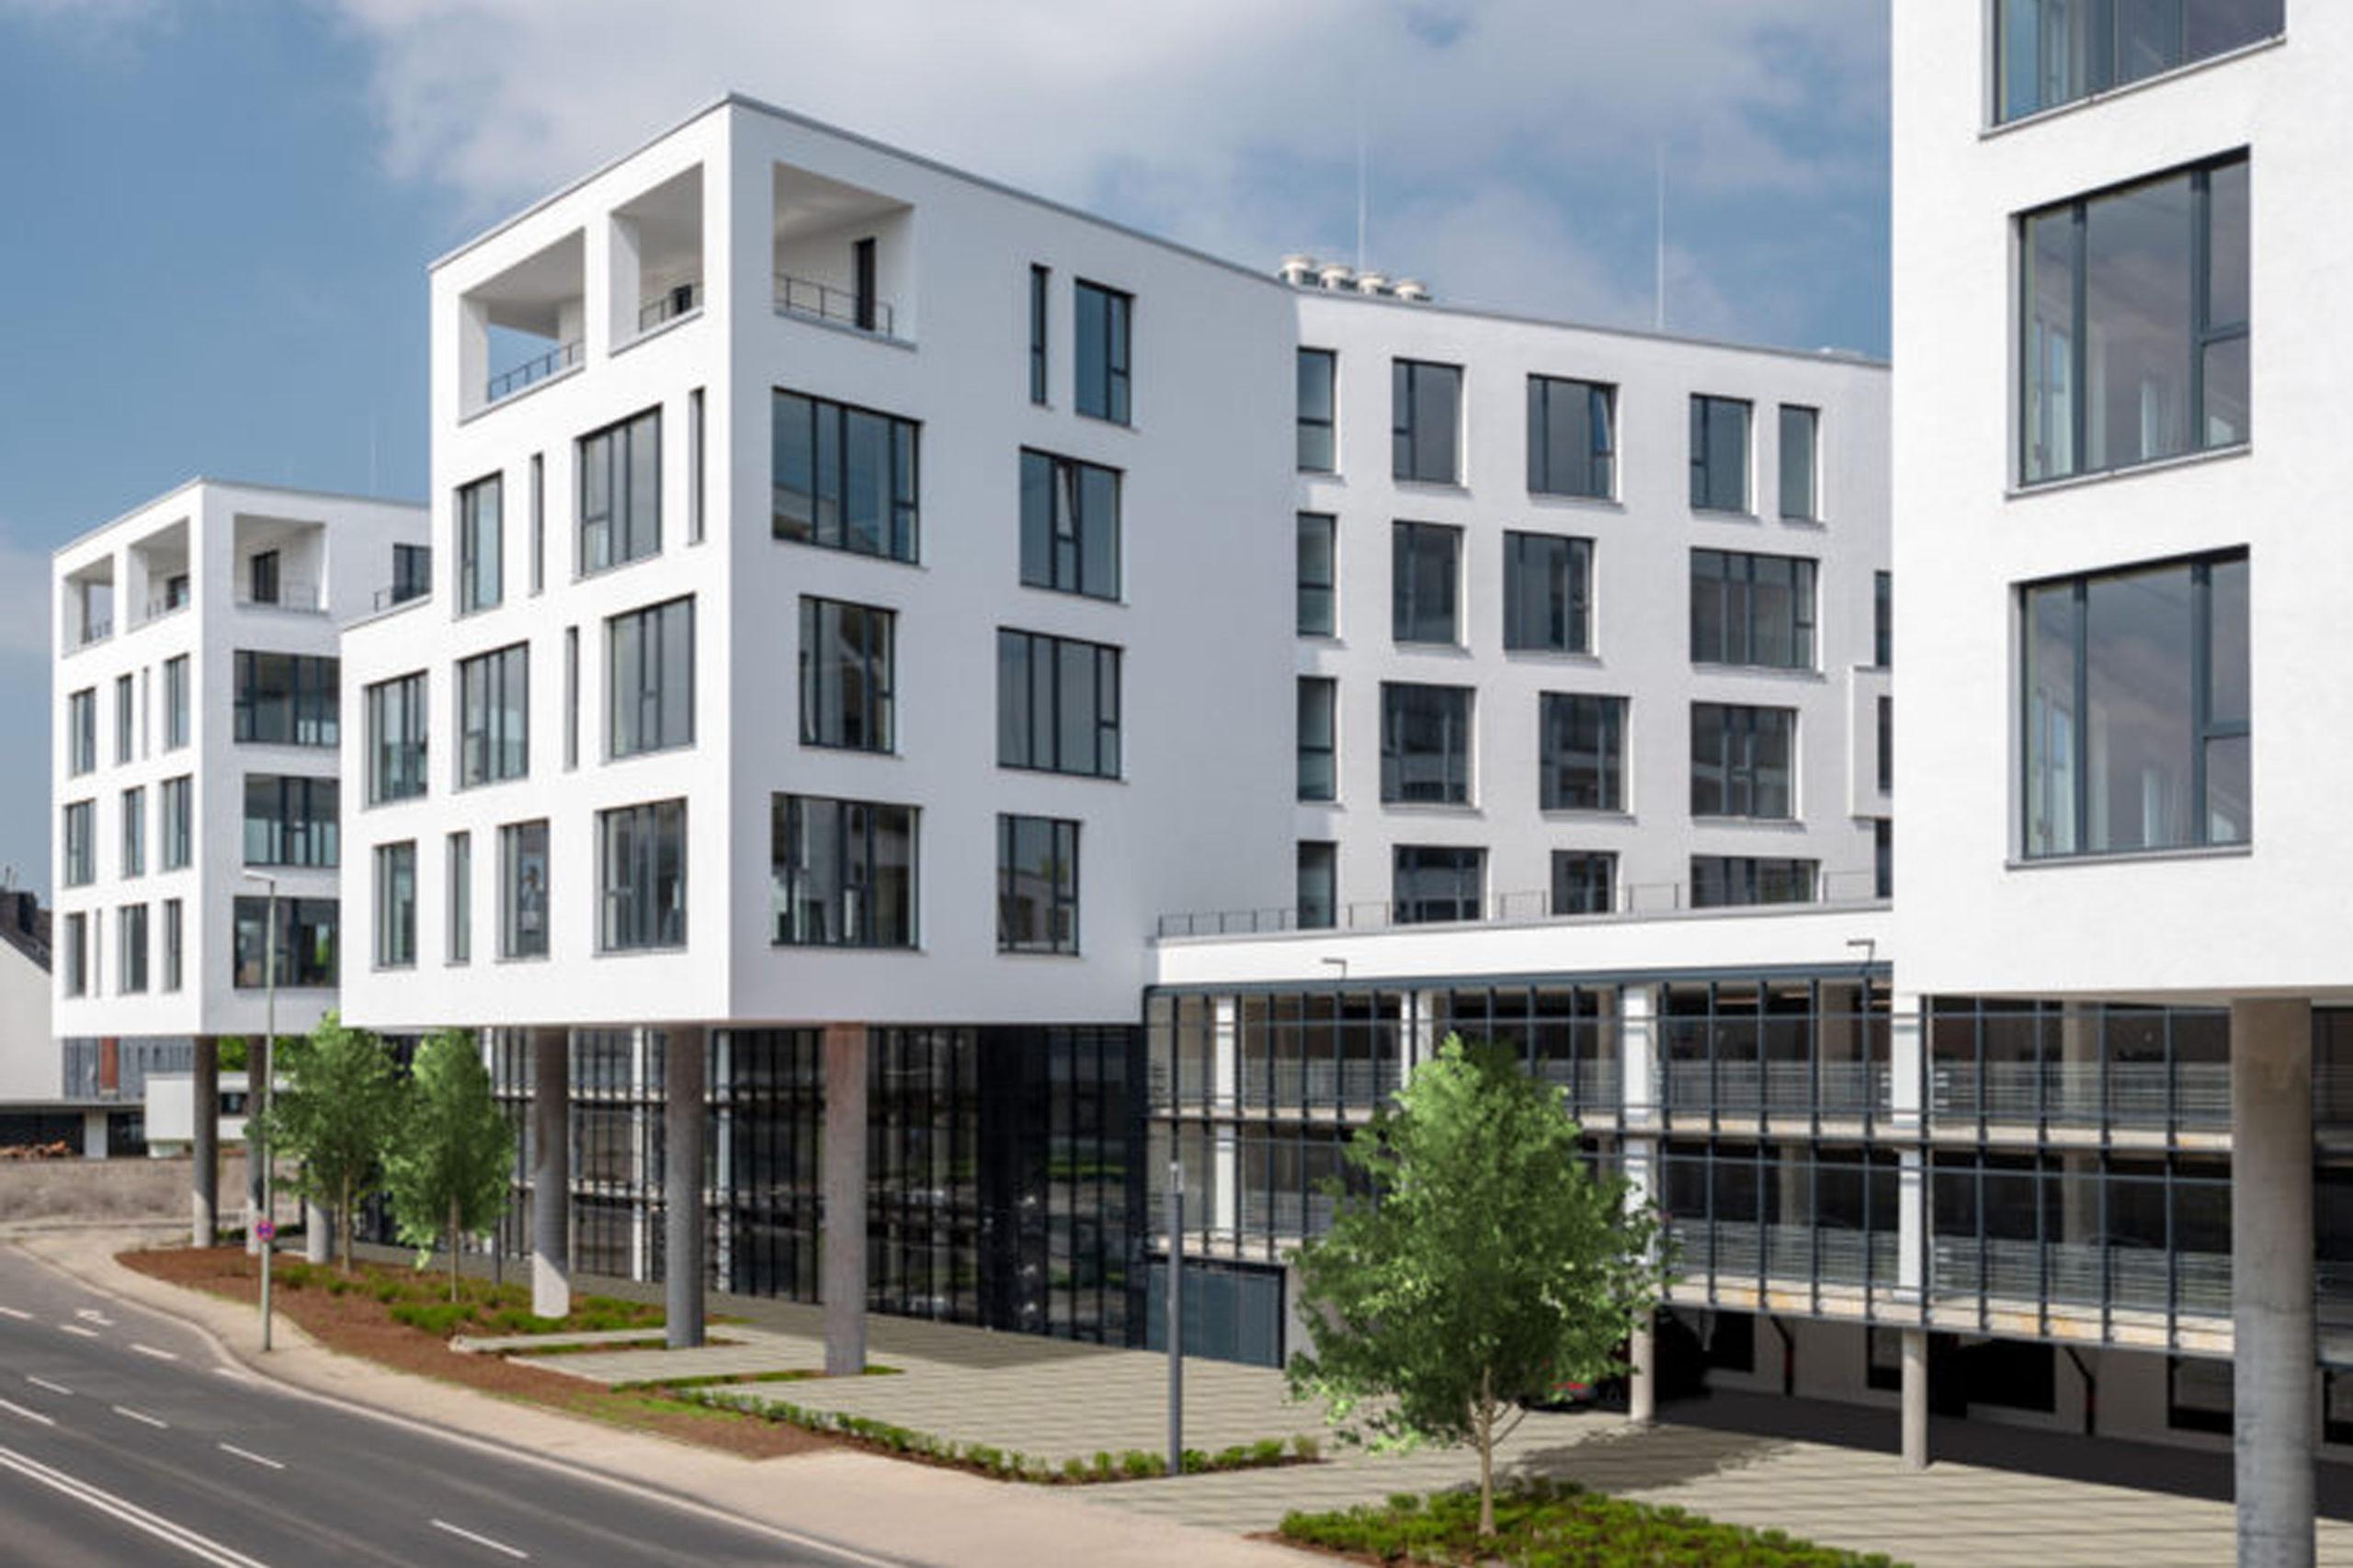 Zimmermann Architekten I Aachen Wohnanlage, Büro- und Gewerbeflächen, Roermonder Höfe, Mönchengladbach